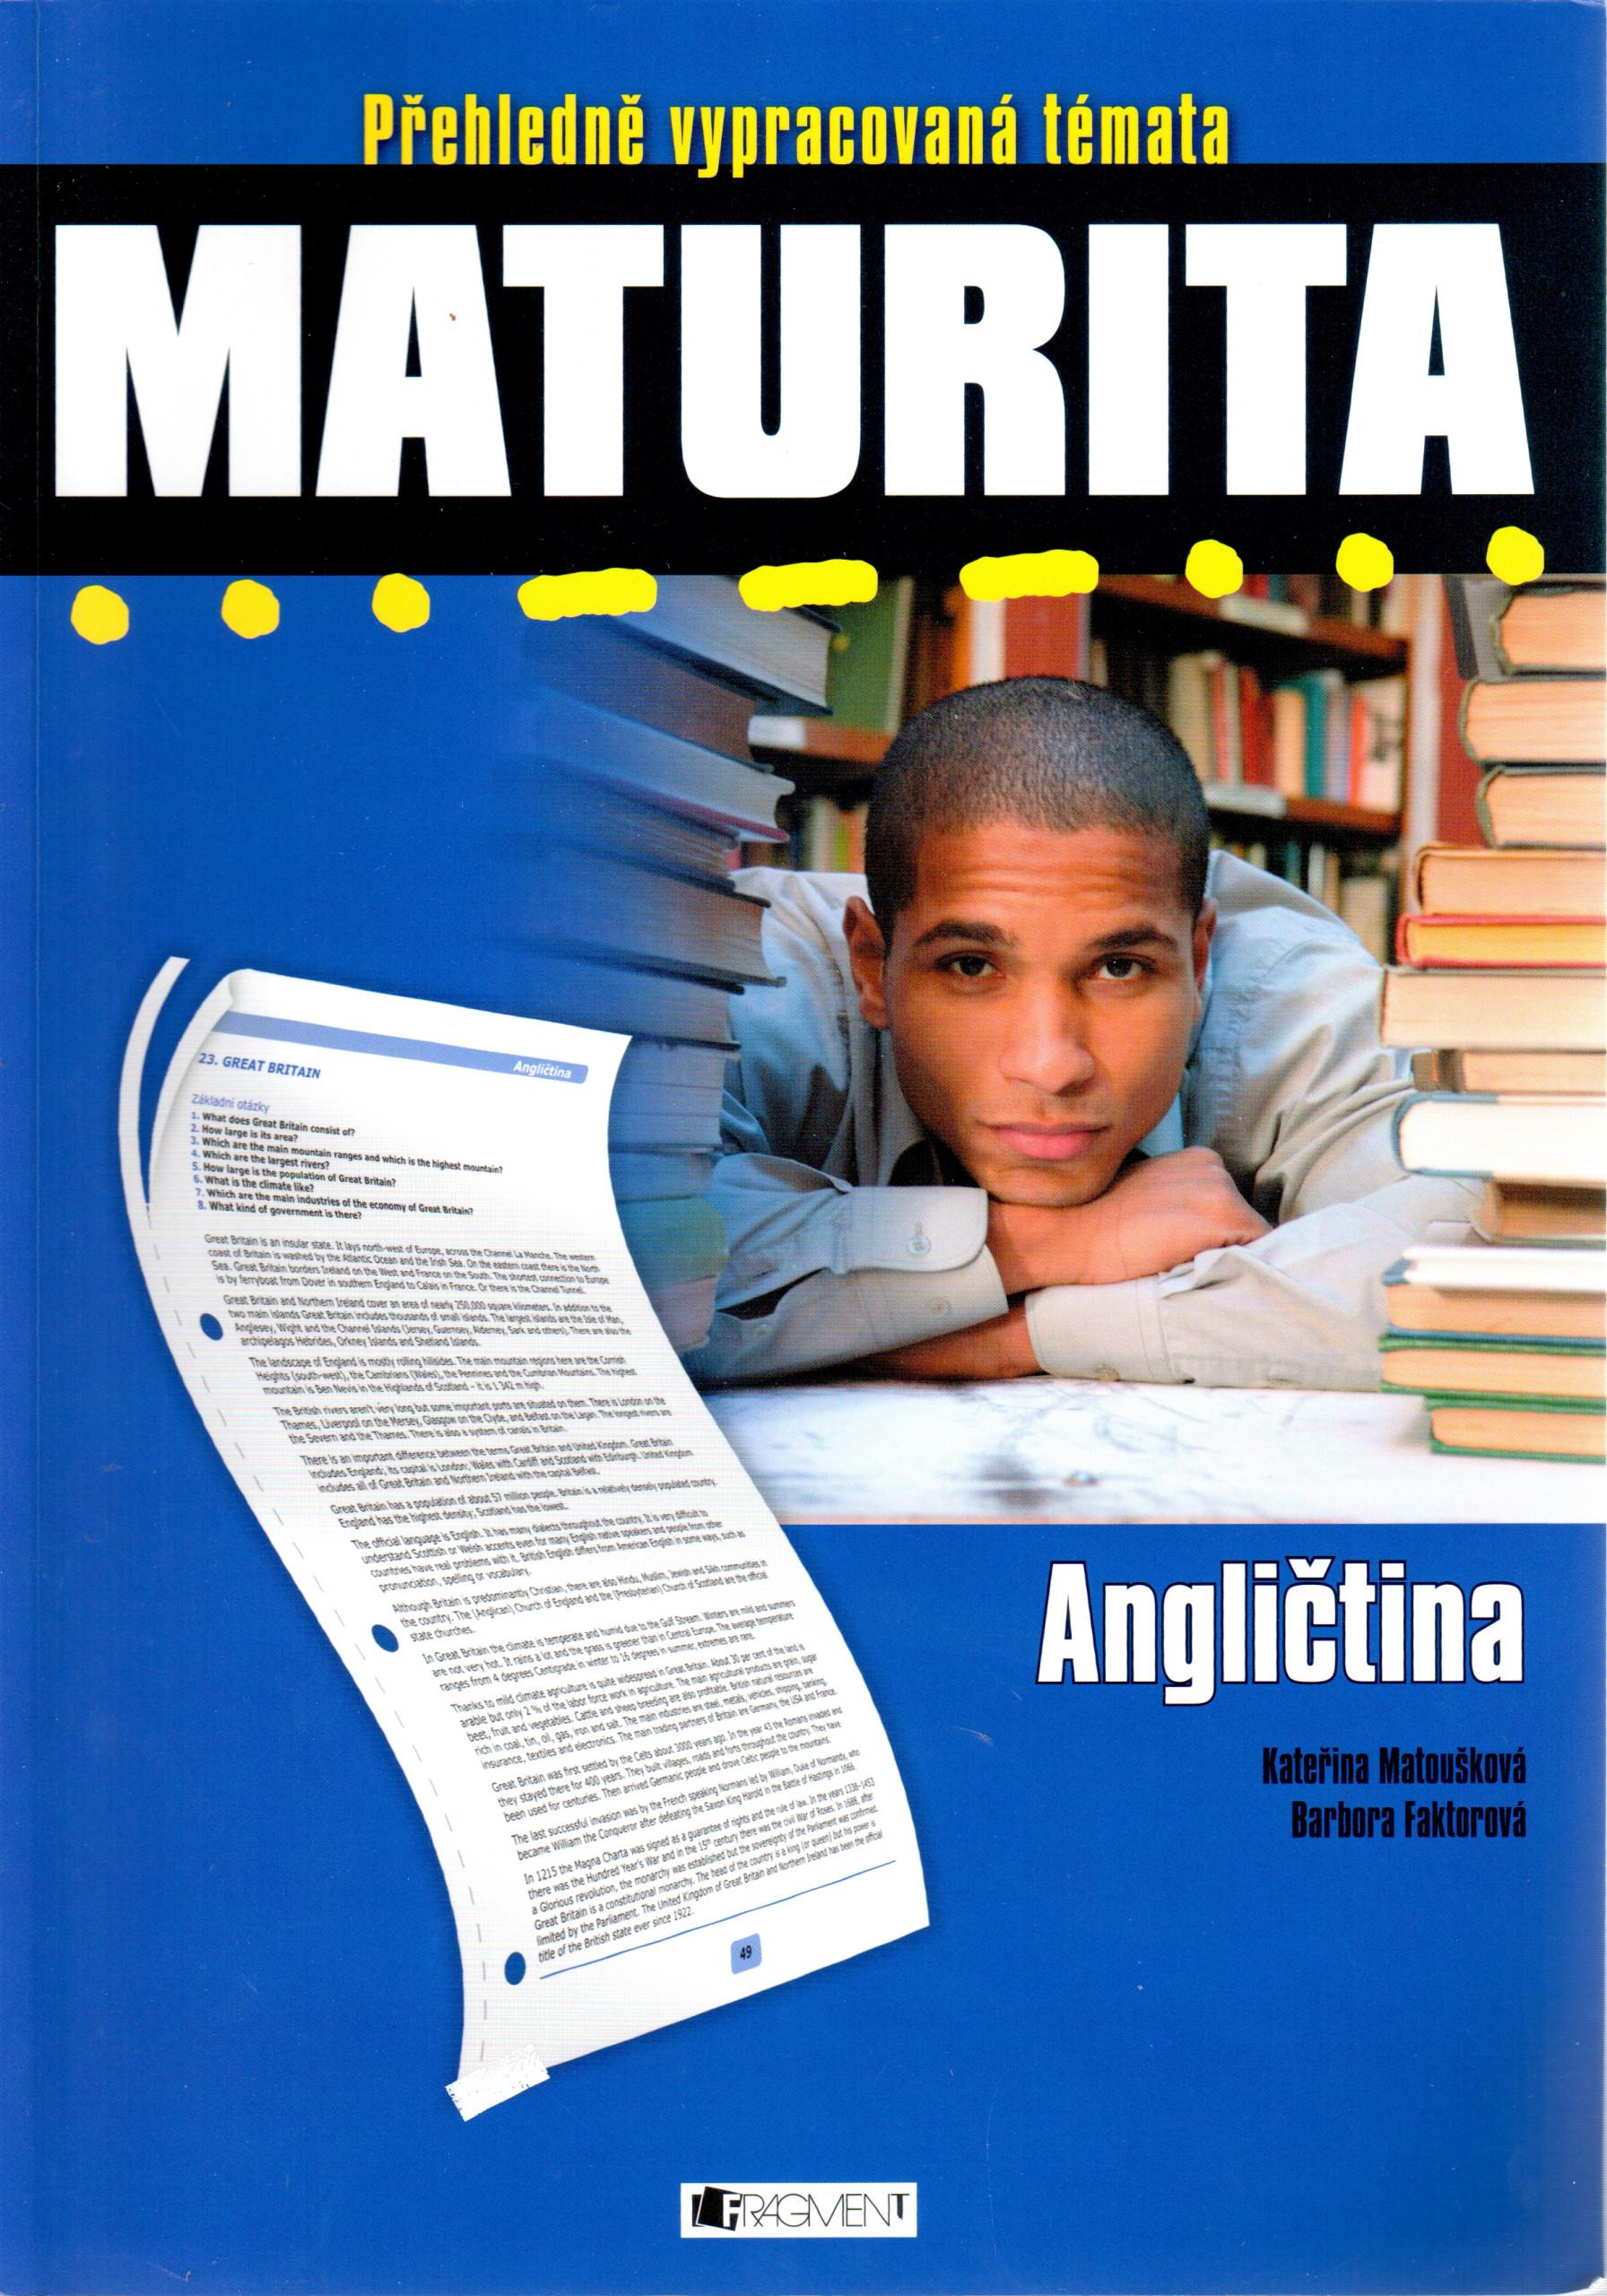 Maturita, přehledně vypracovaná témata: Angličtina - Náhled učebnice